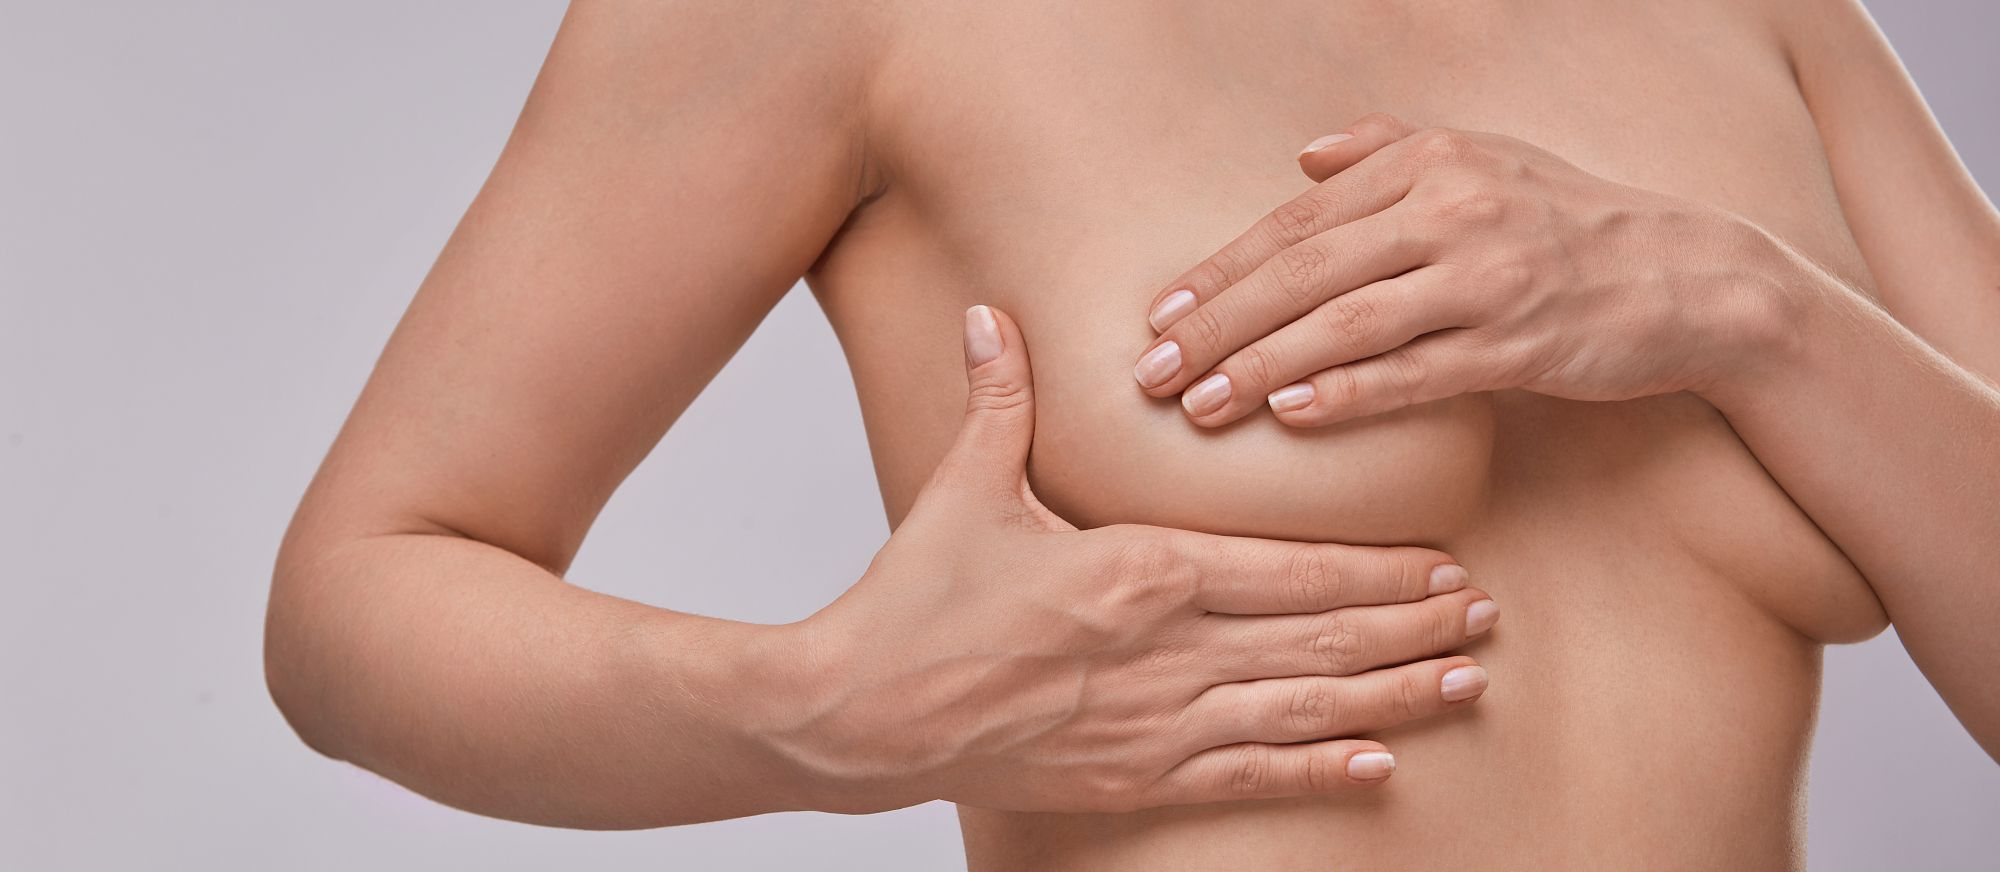 Az emlőrák kezelési lehetőségei | maniactattoo.hu